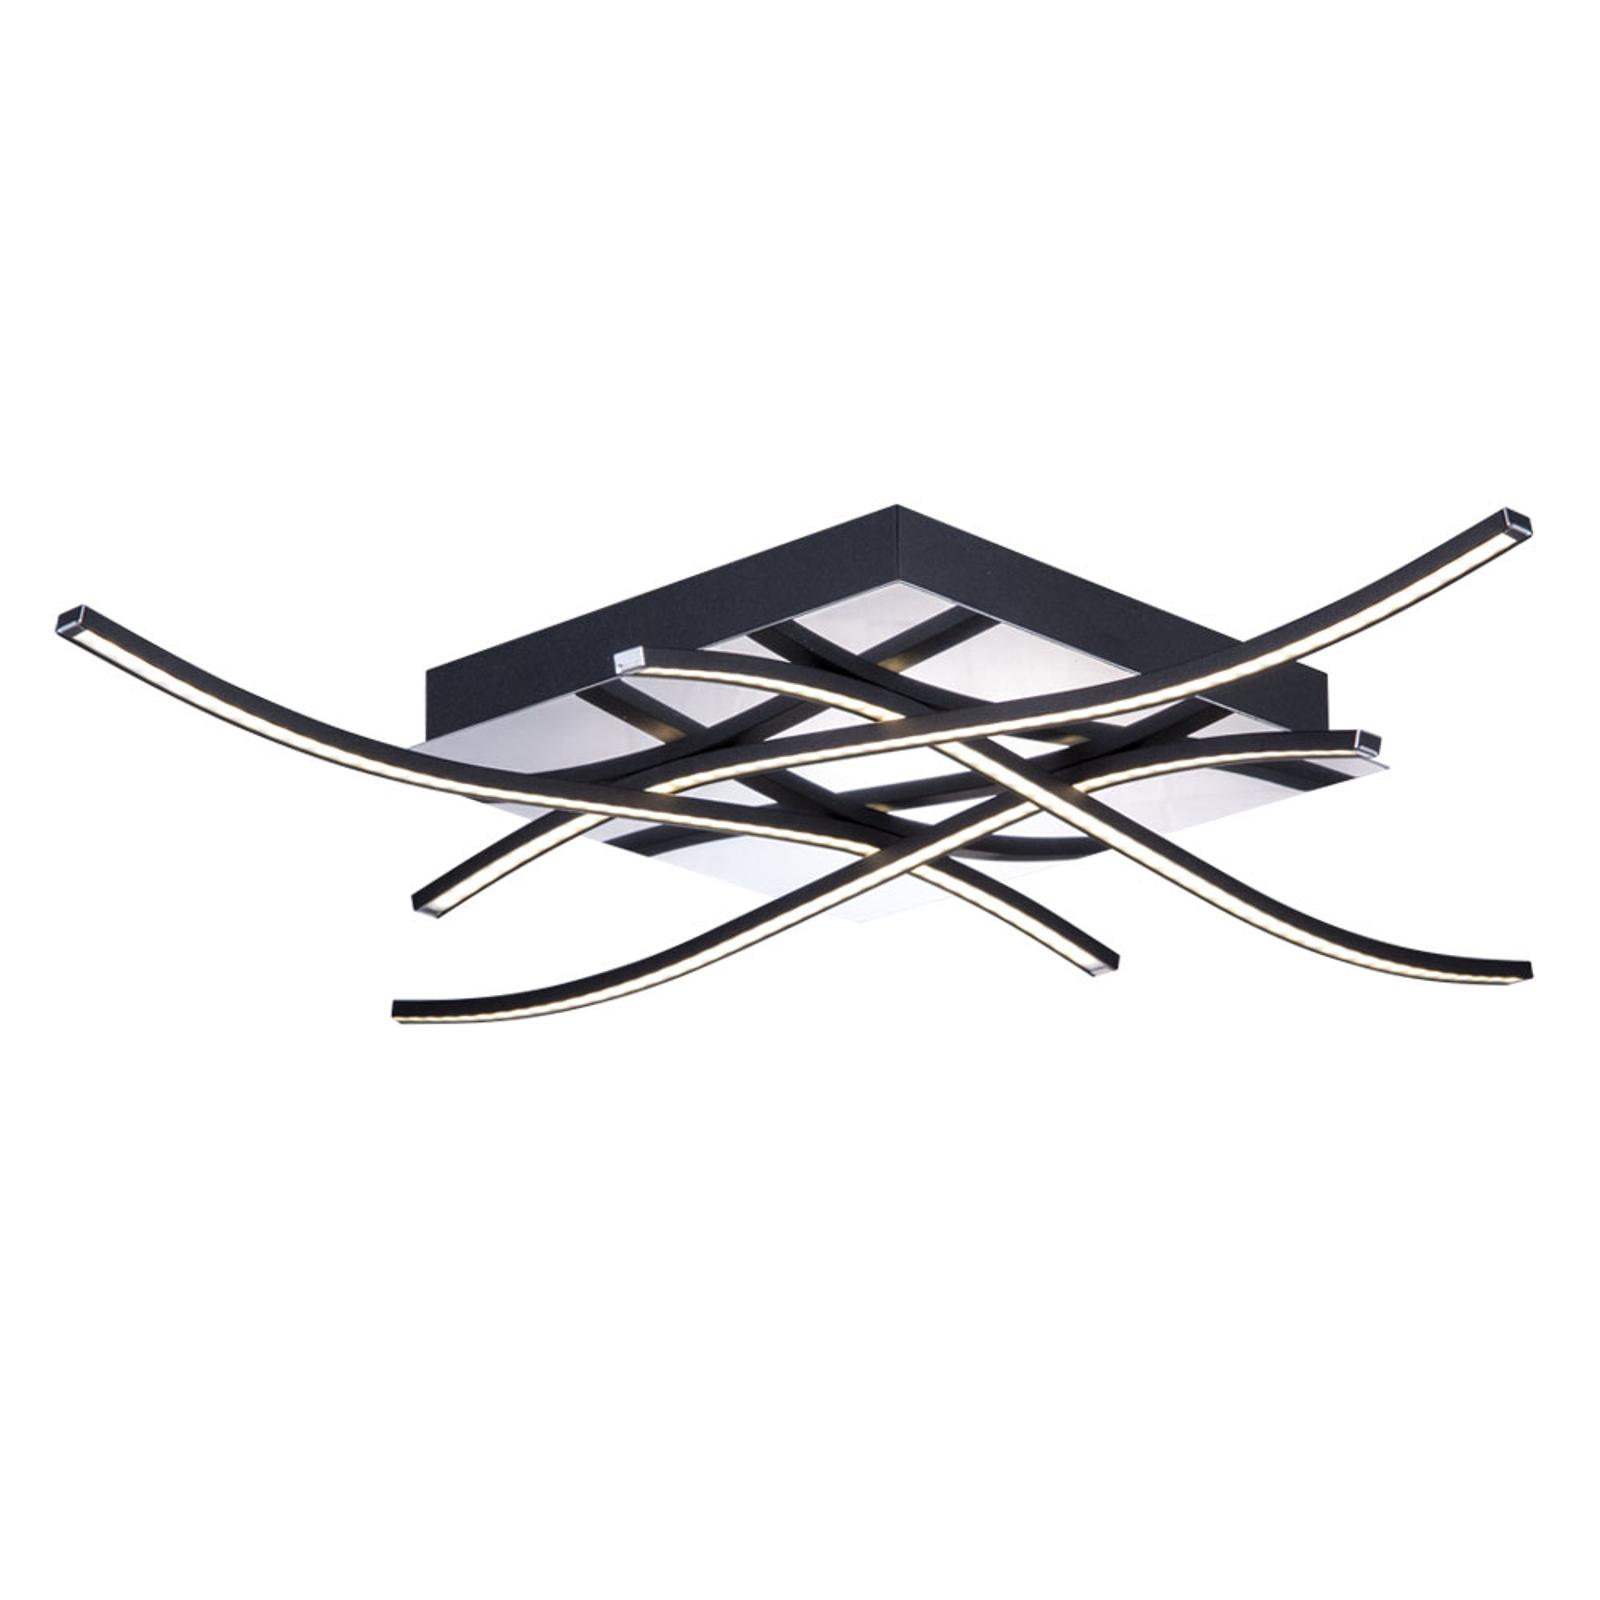 Spiner LED-taklampe, svart, 61x61cm